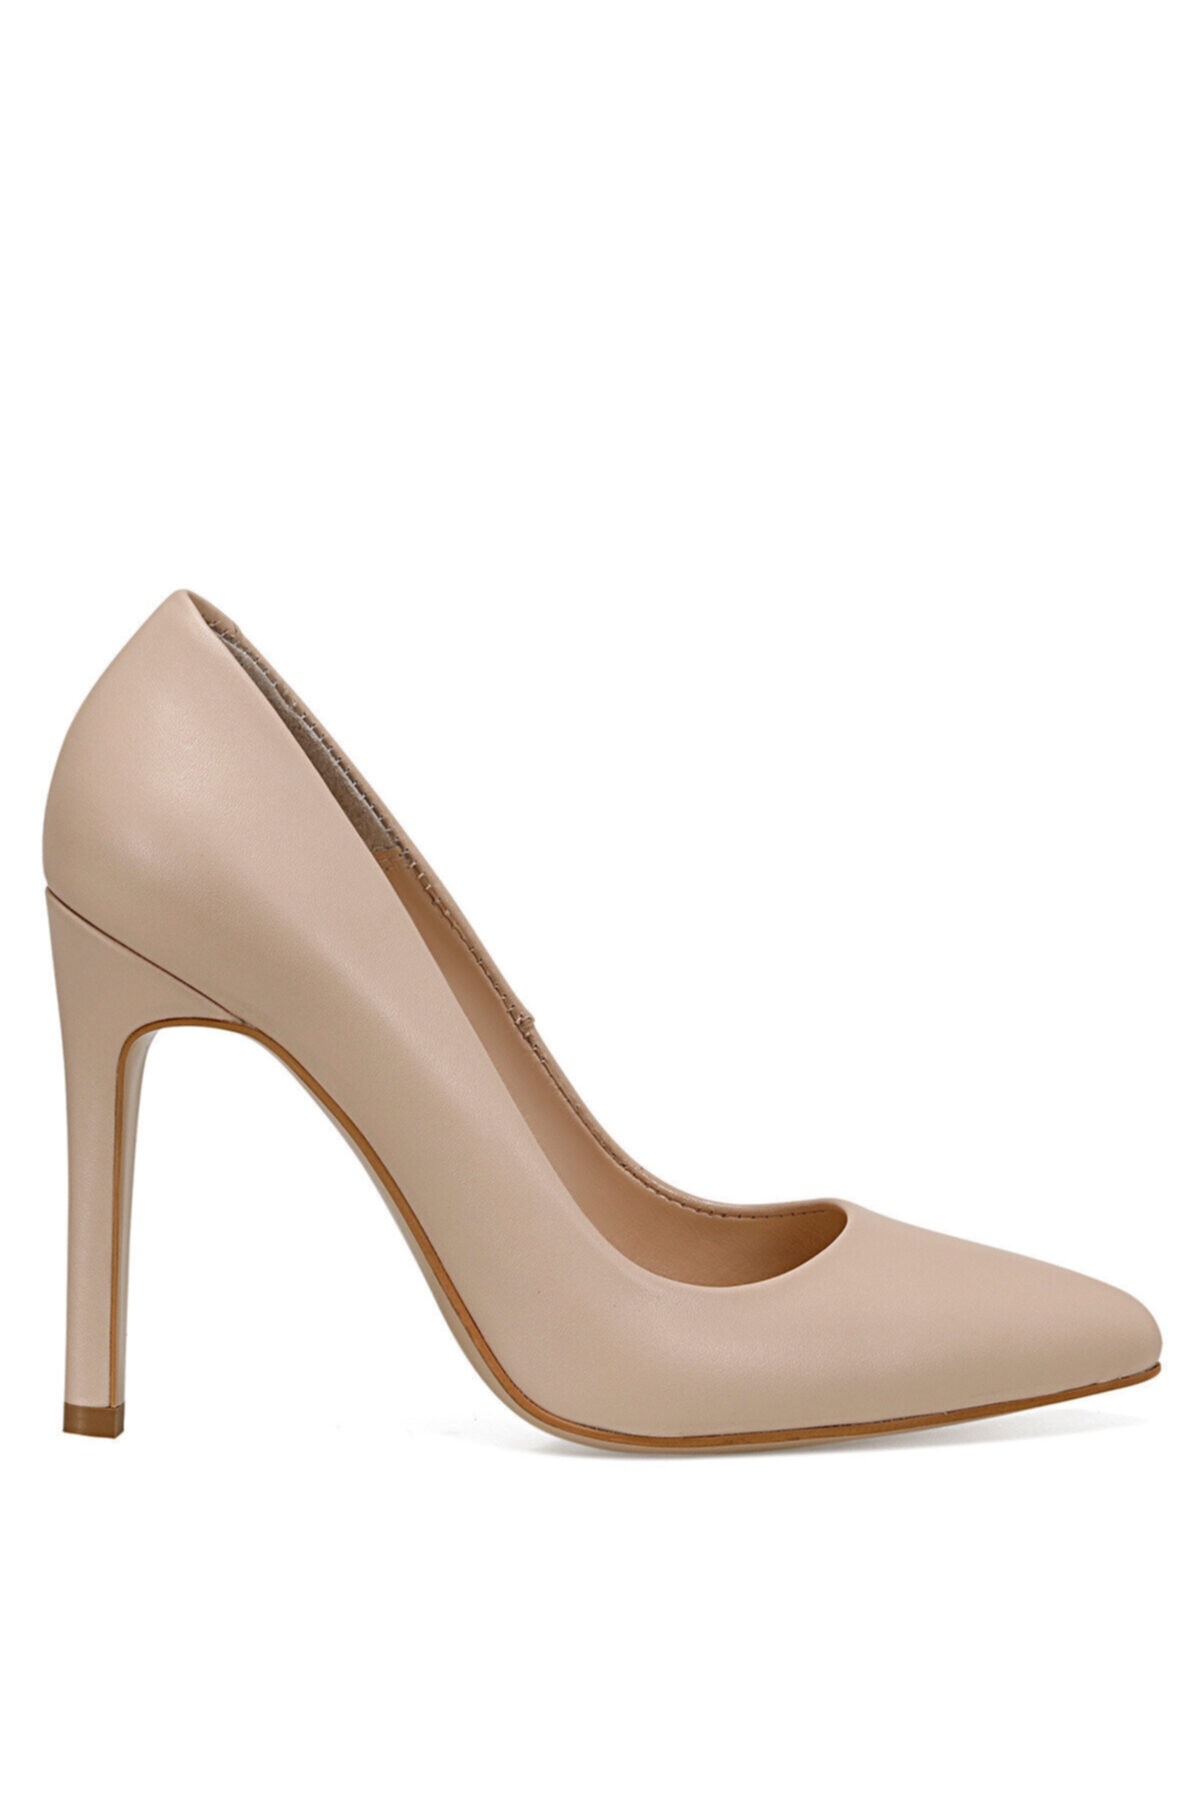 Nine West FRONTA Naturel Kadın Hakiki Deri Topuklu Ayakkabı 100526434 1